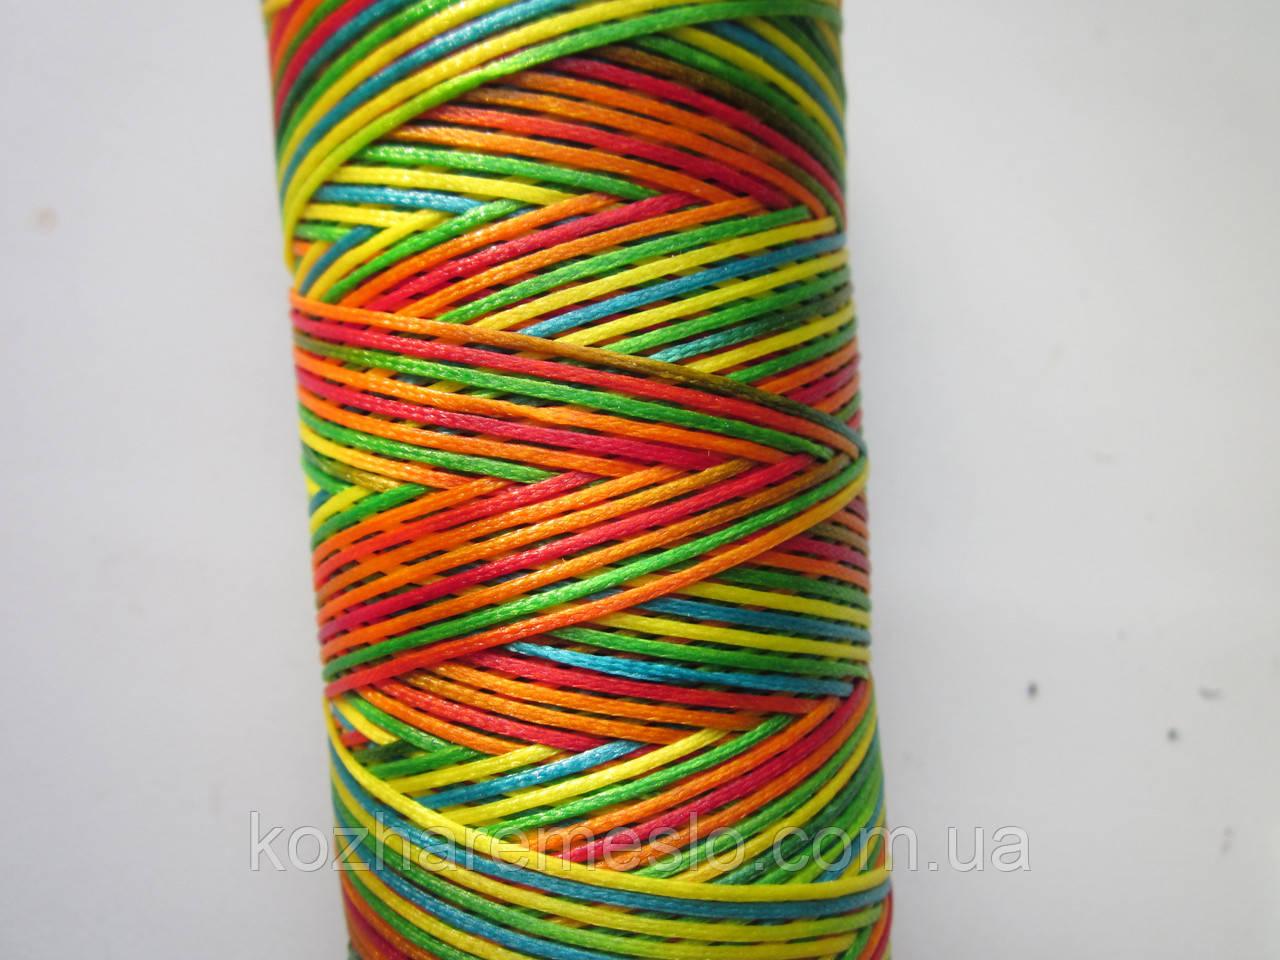 Нить вощёная плоская 1 мм разноцветная (африкано) 125 метров